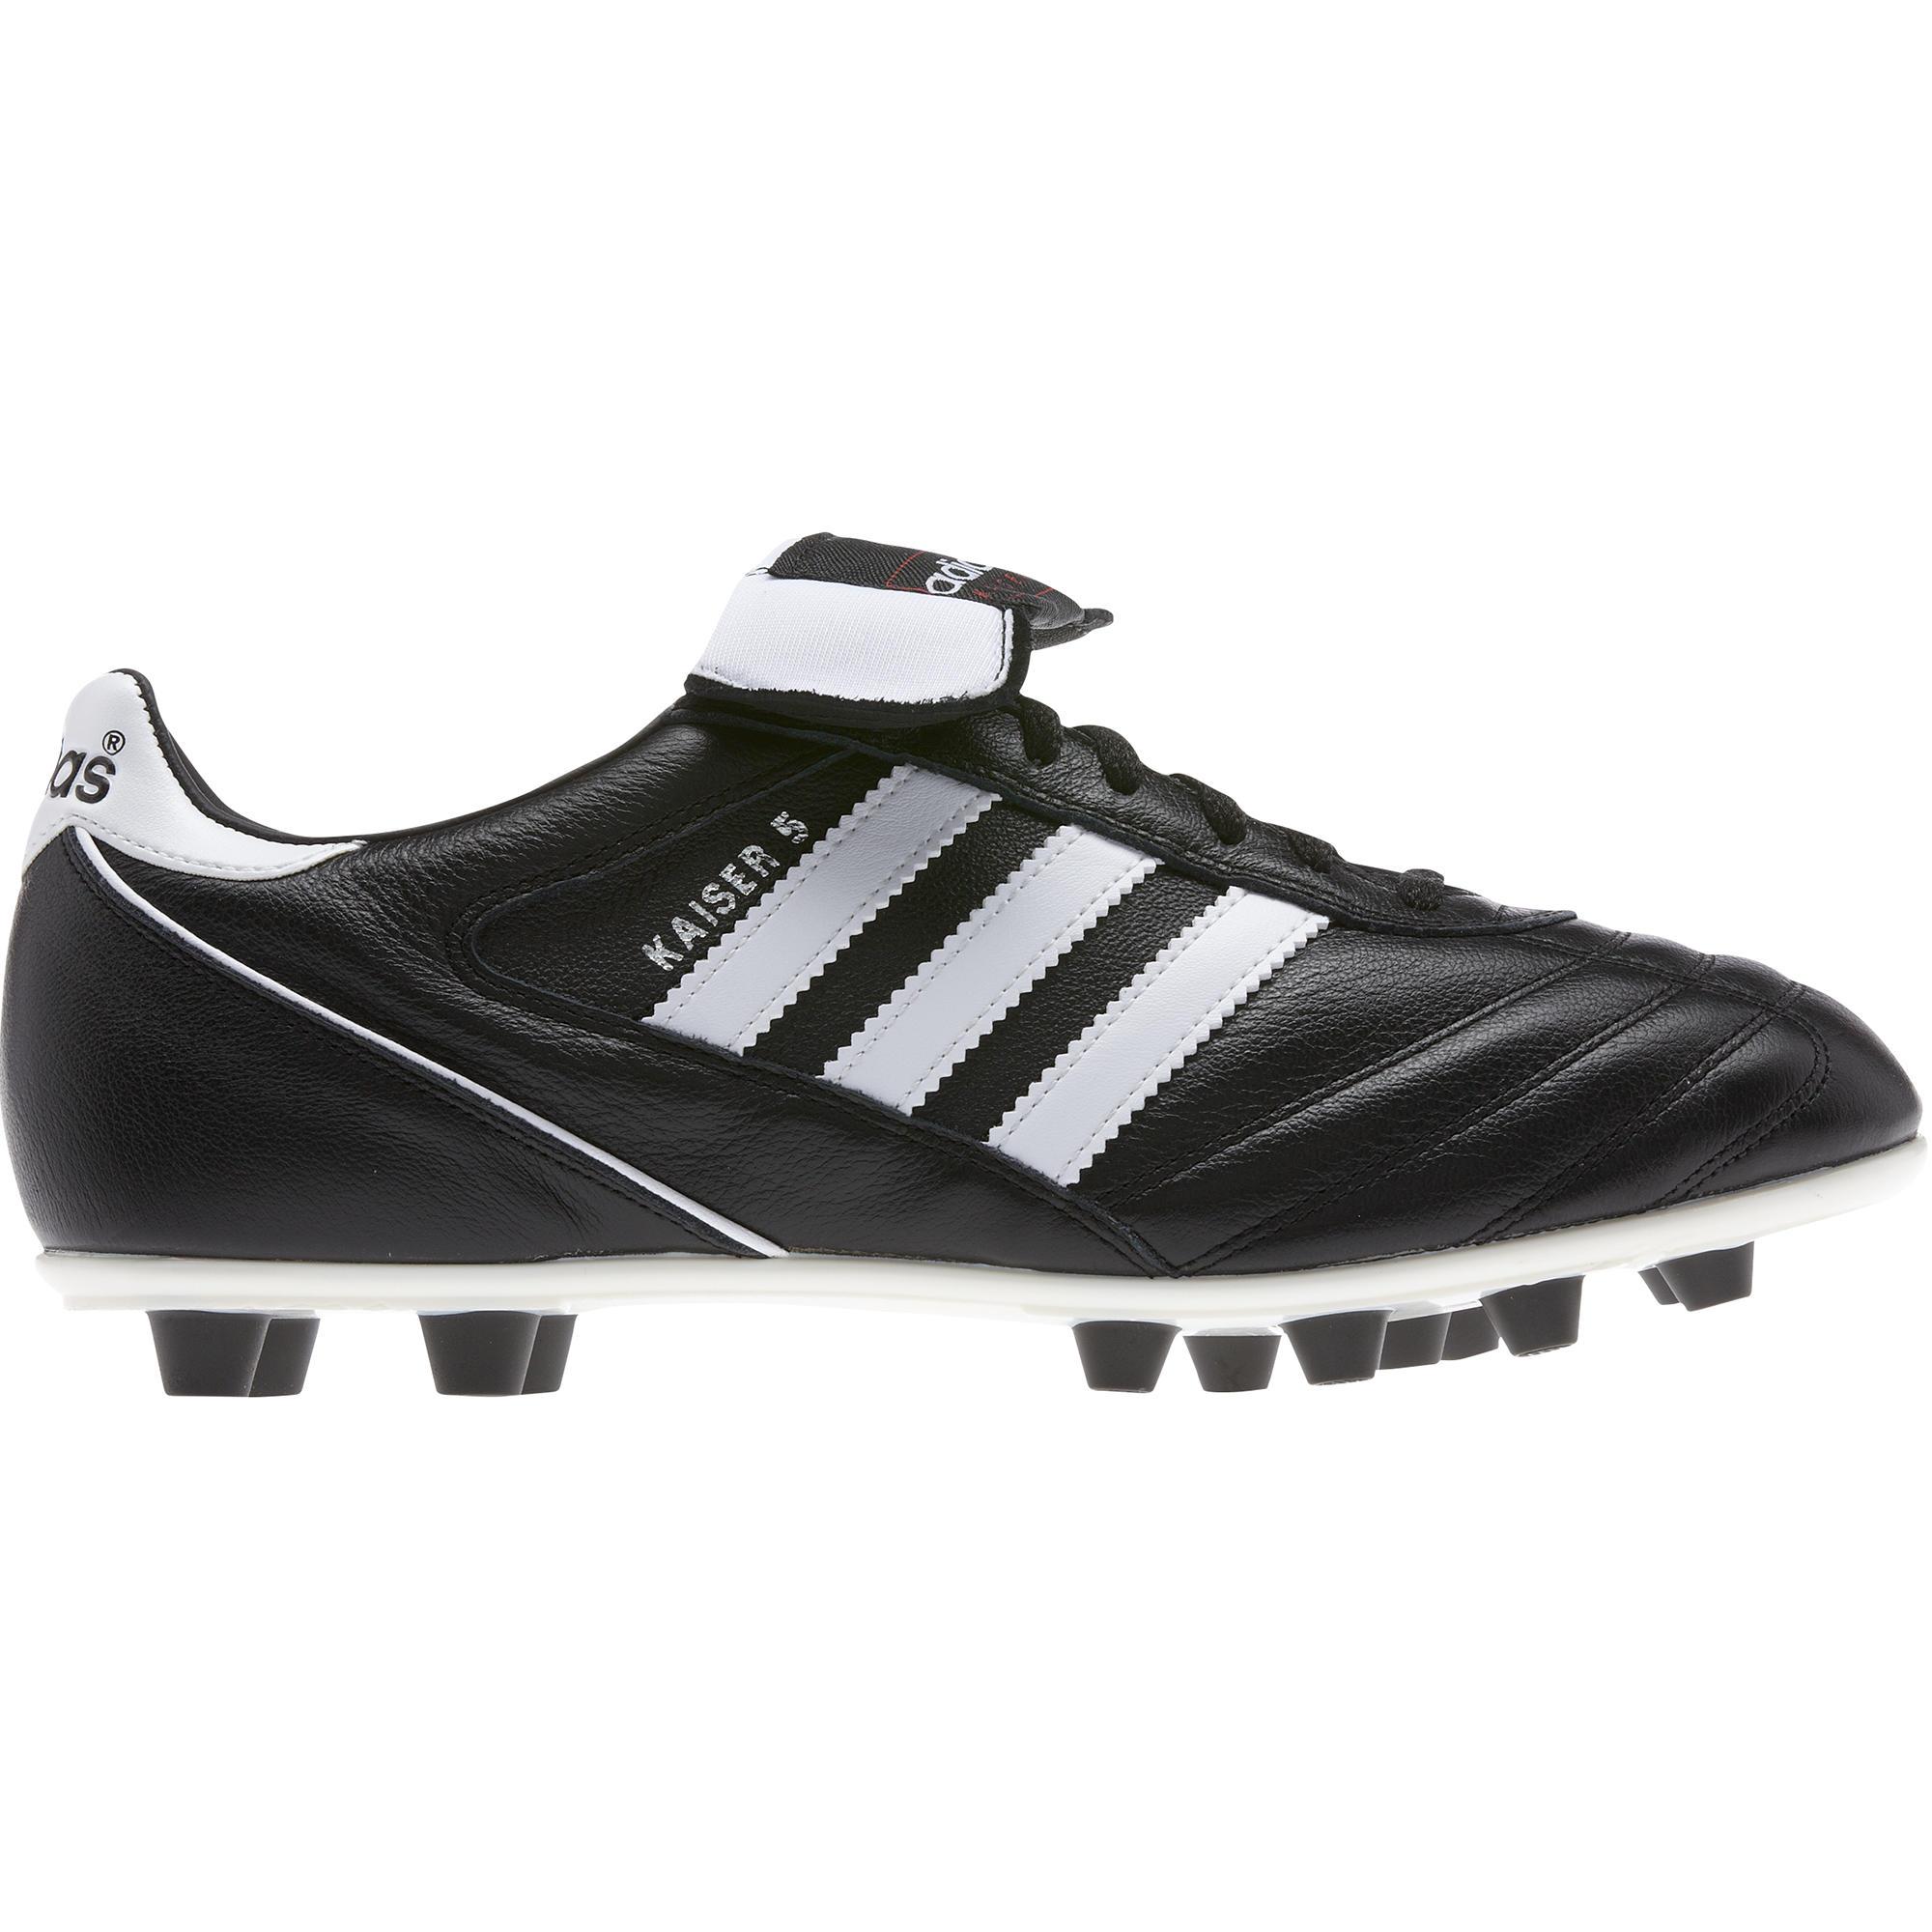 Adidas Scarpe calcio KAISER LIGA FG nero-bianco